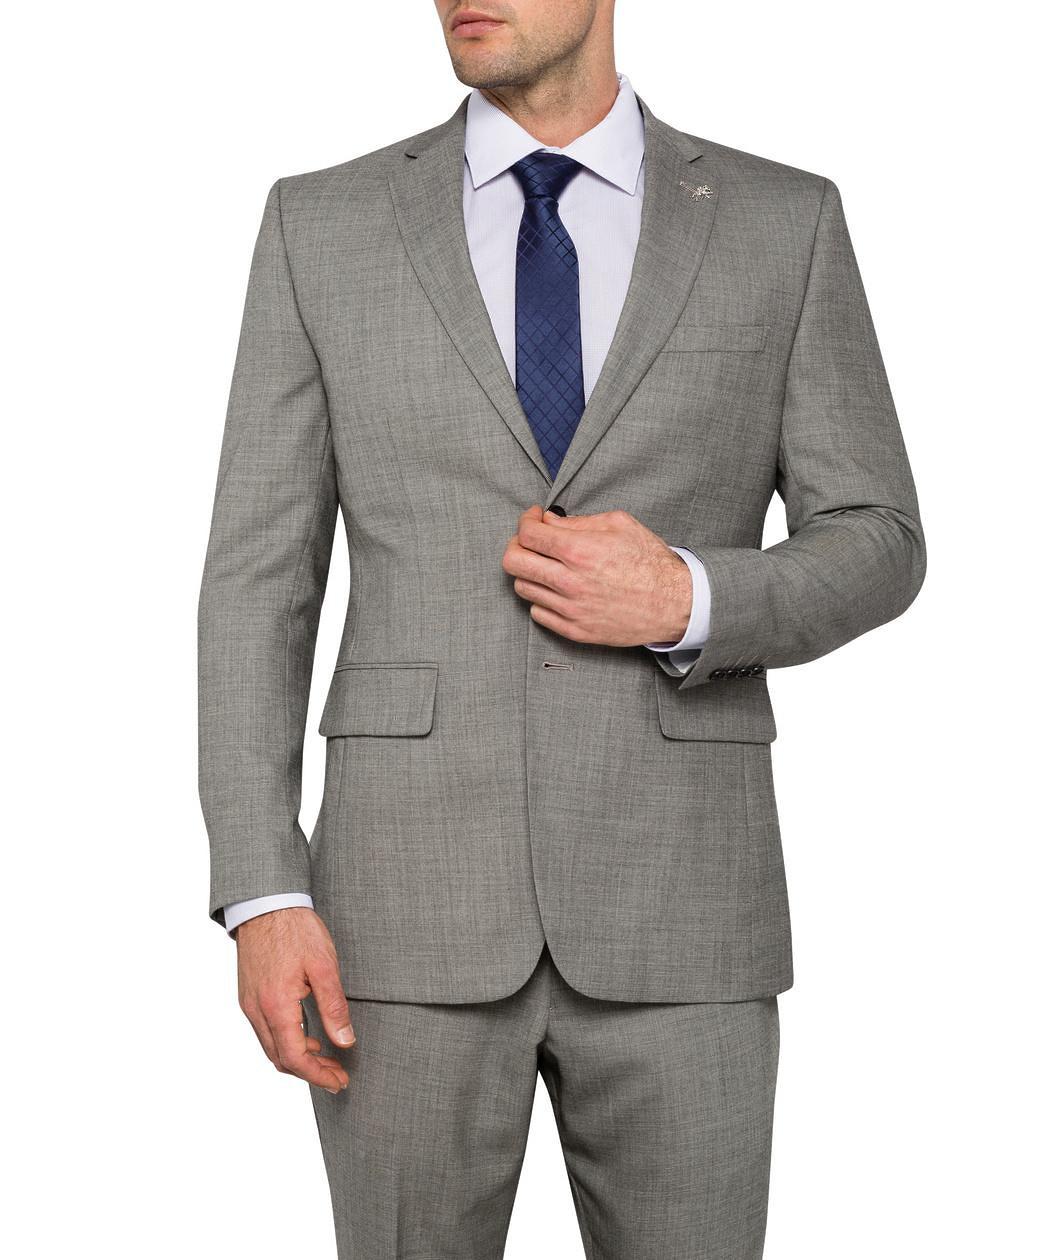 a27e974201e ... Van Heusen Mens European Fit Suit Jacket Grey Marble. Product Image ·  Image 1 ...